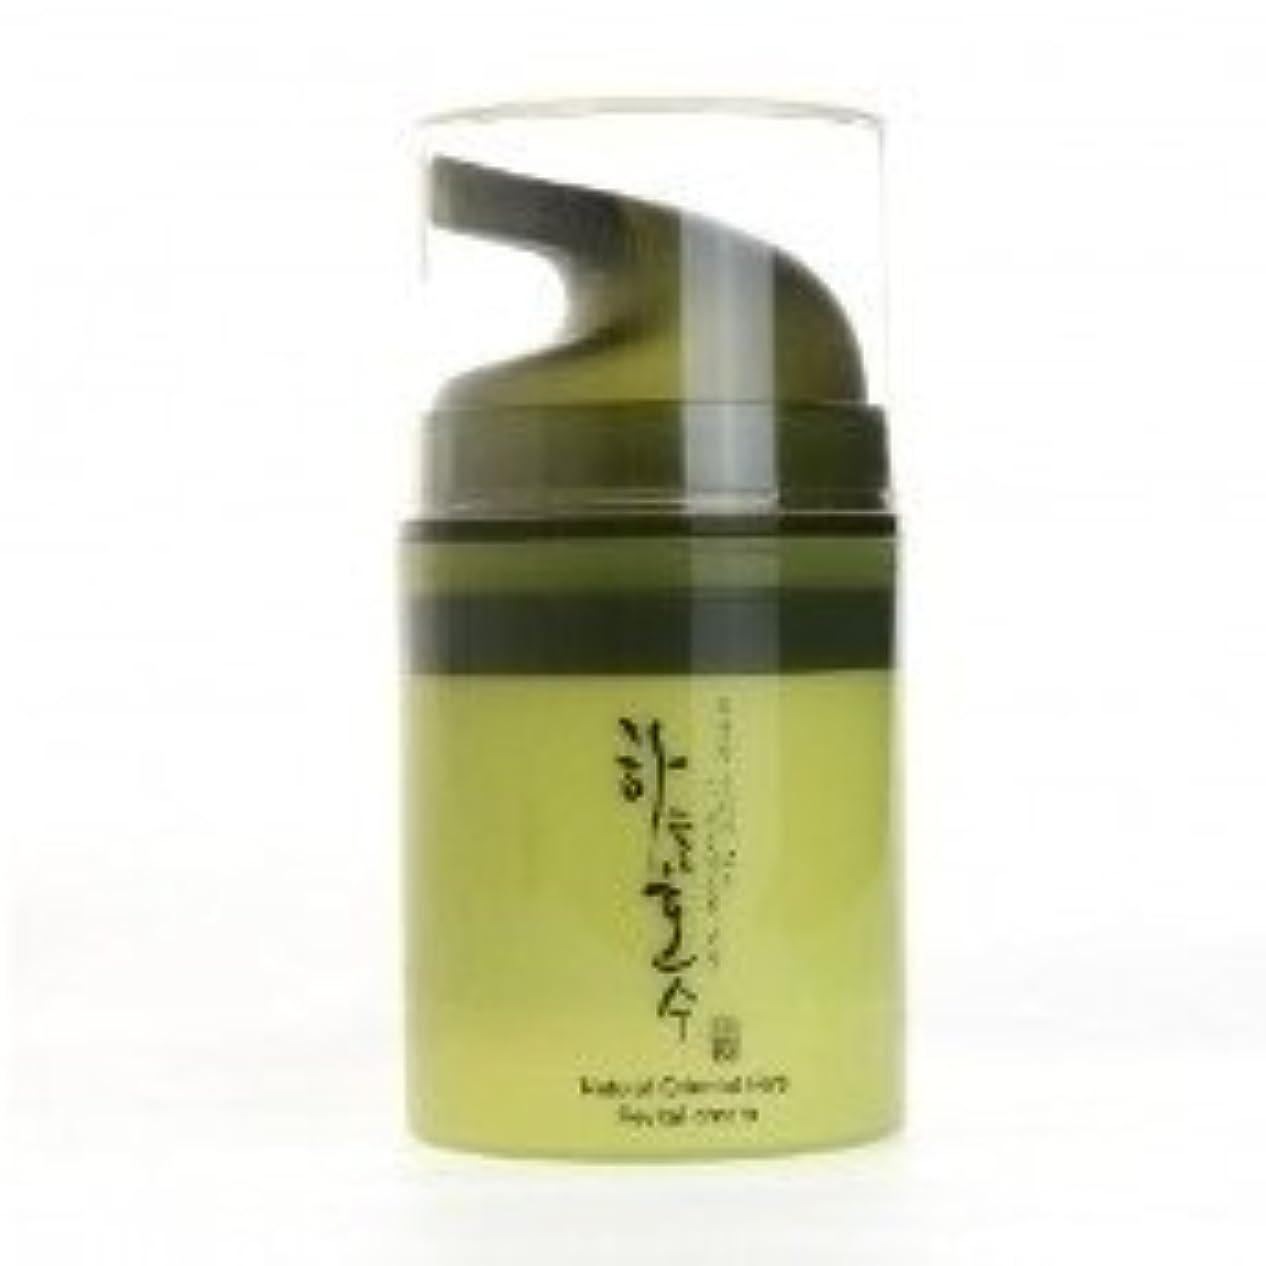 スーパーマーケットカーフ遅いSkylake Natural Oriental Herb Revital Cream ハヌルホス ナチュラルオリエンタル ハーブリバイタルクリーム [並行輸入品]